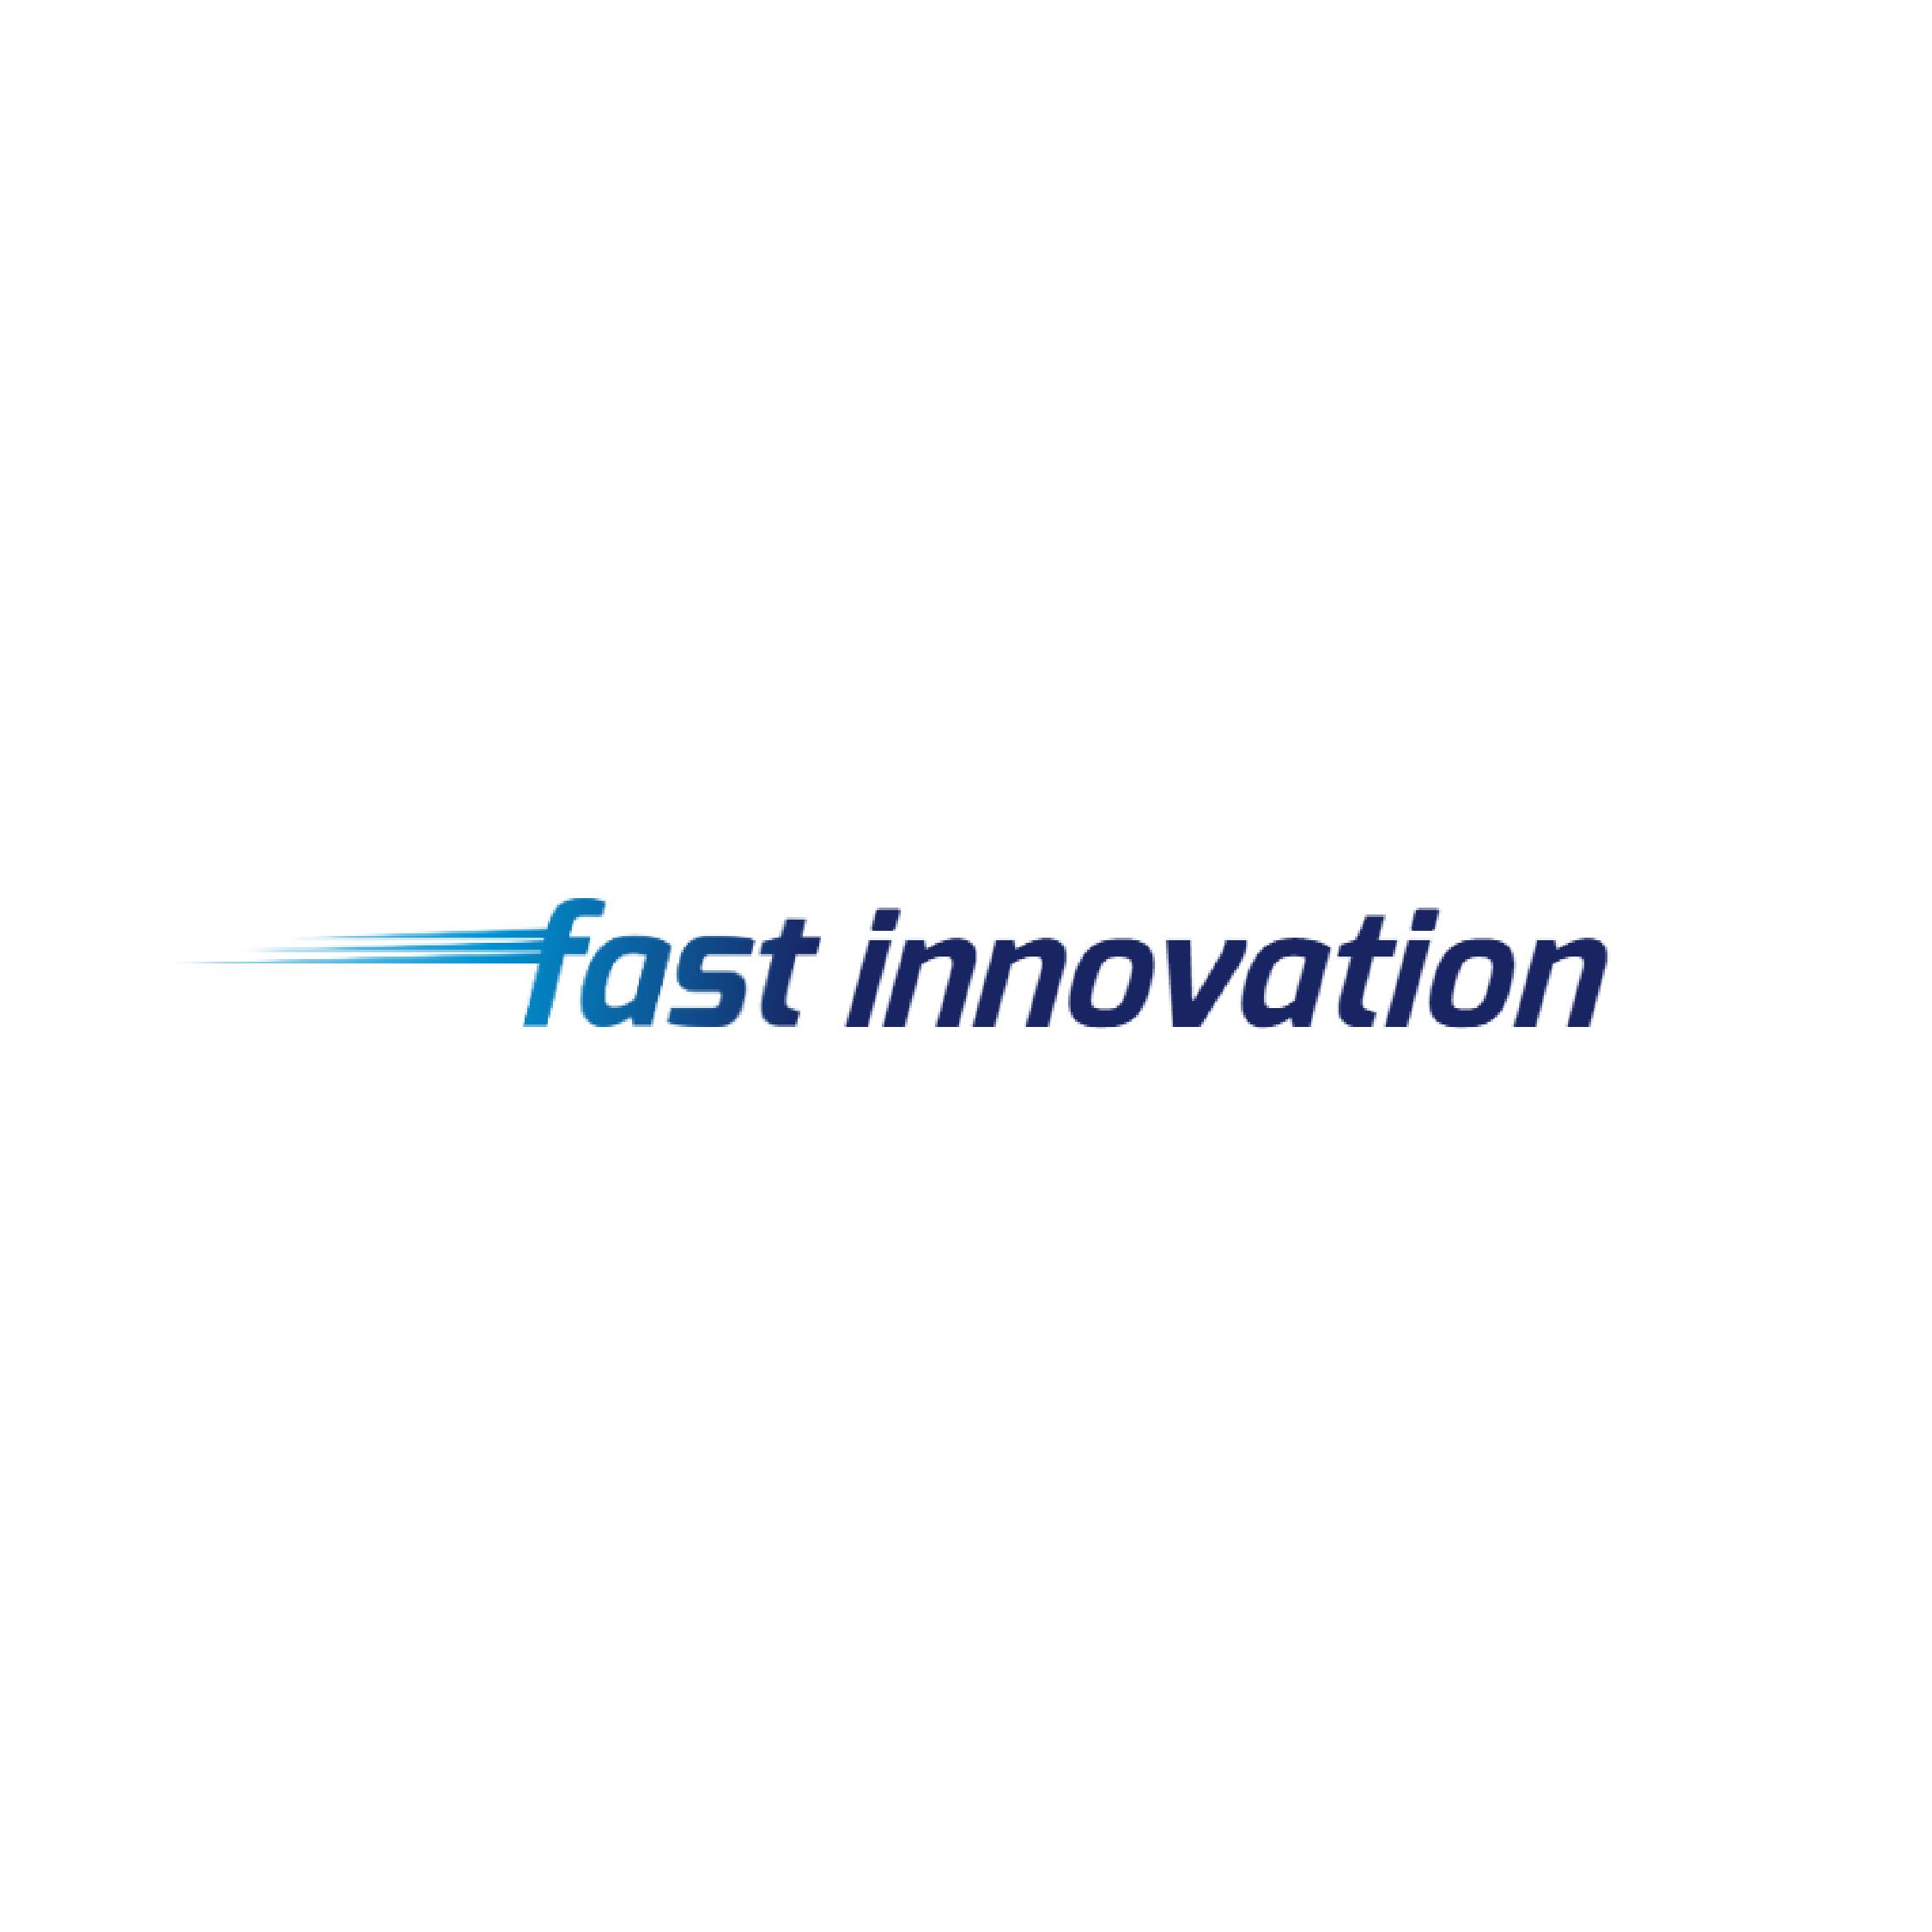 innovation4x4